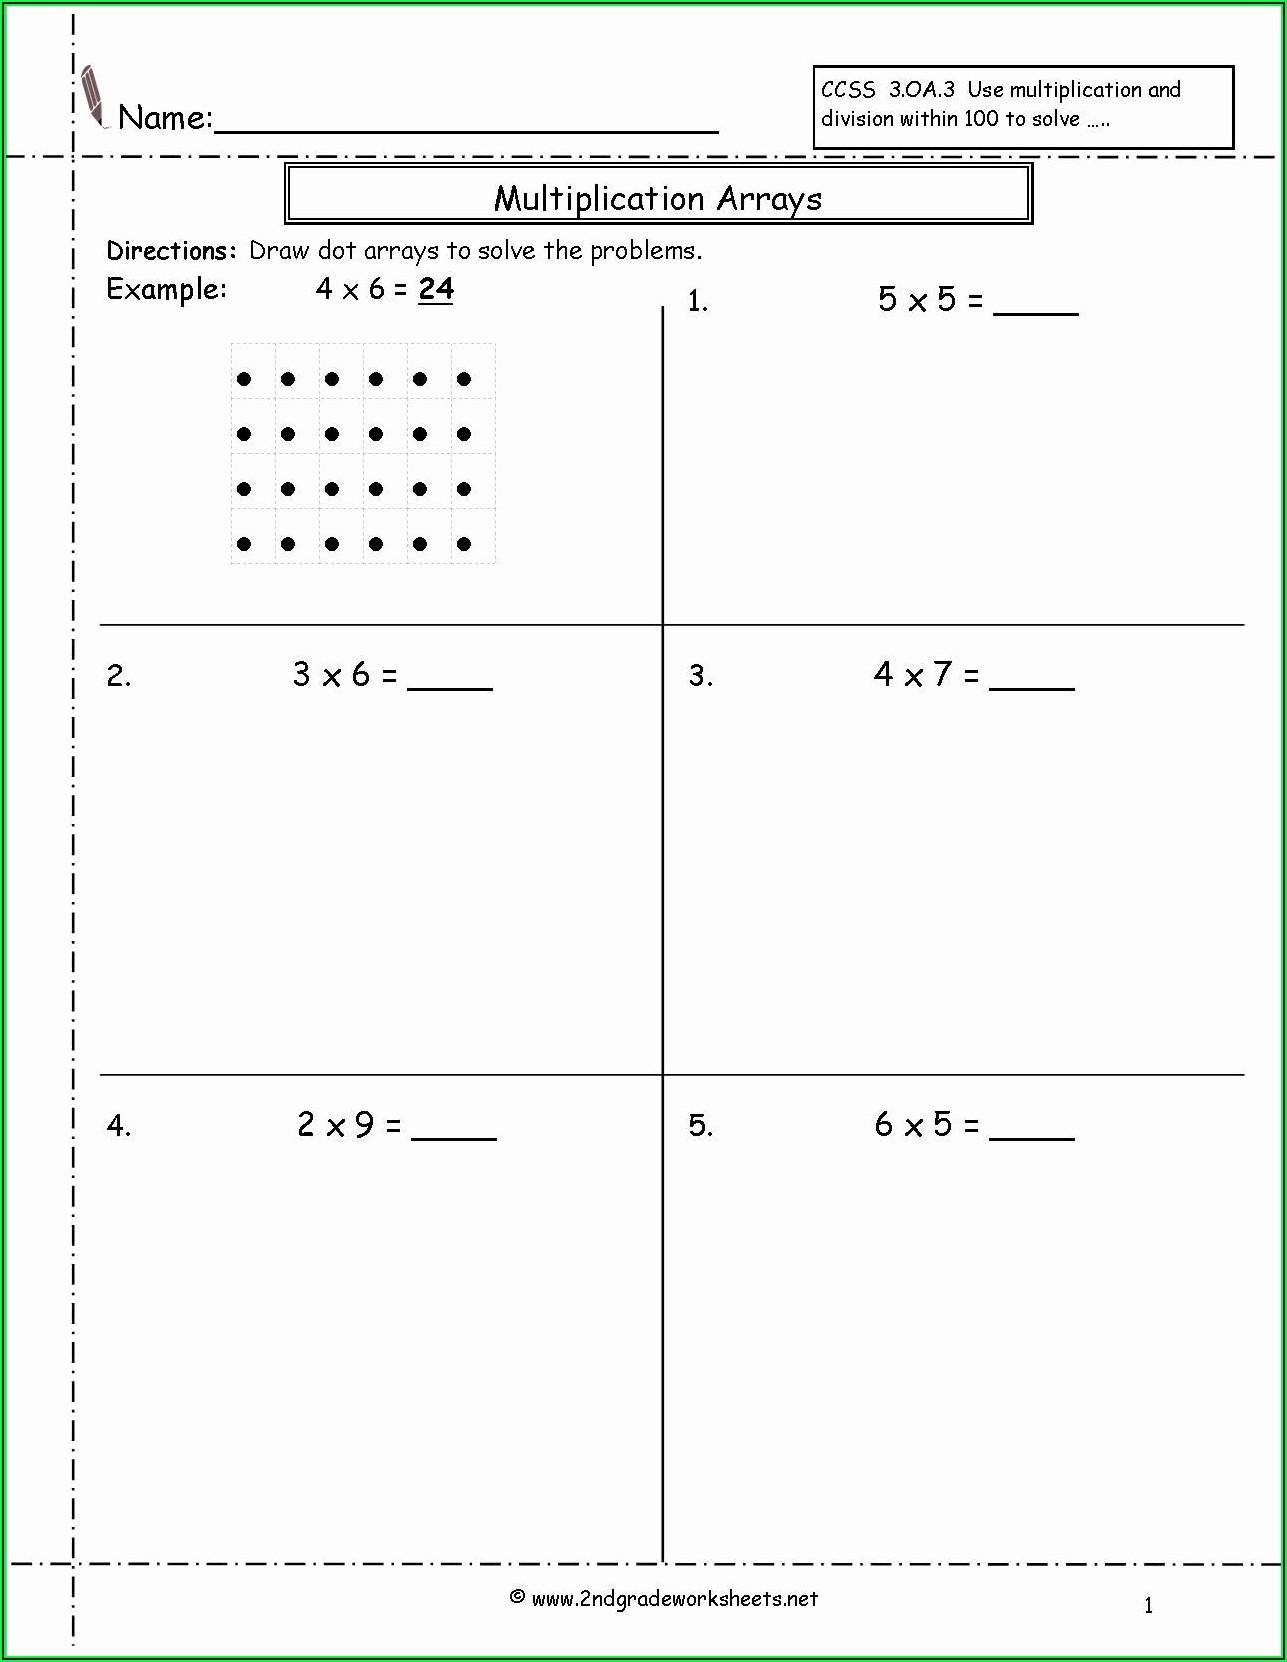 Multiplication Array Worksheets 2nd Grade